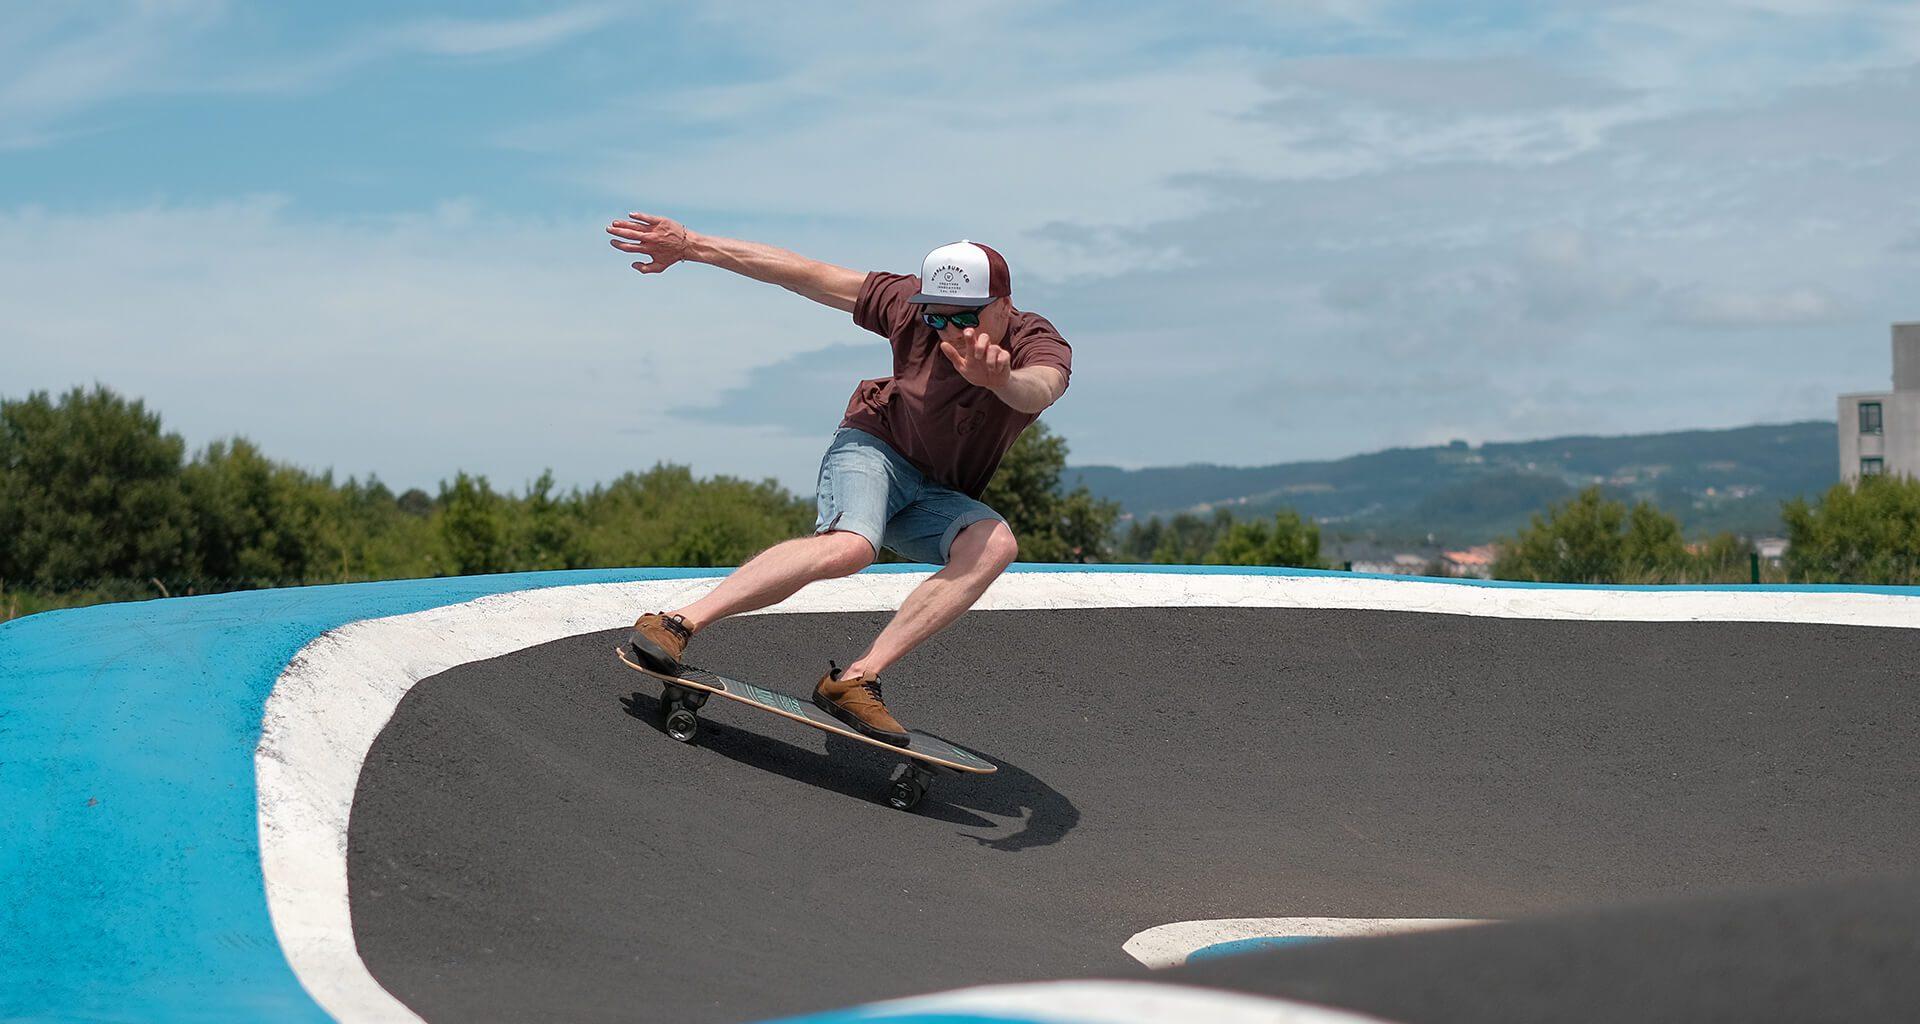 Michi beim Surfskaten